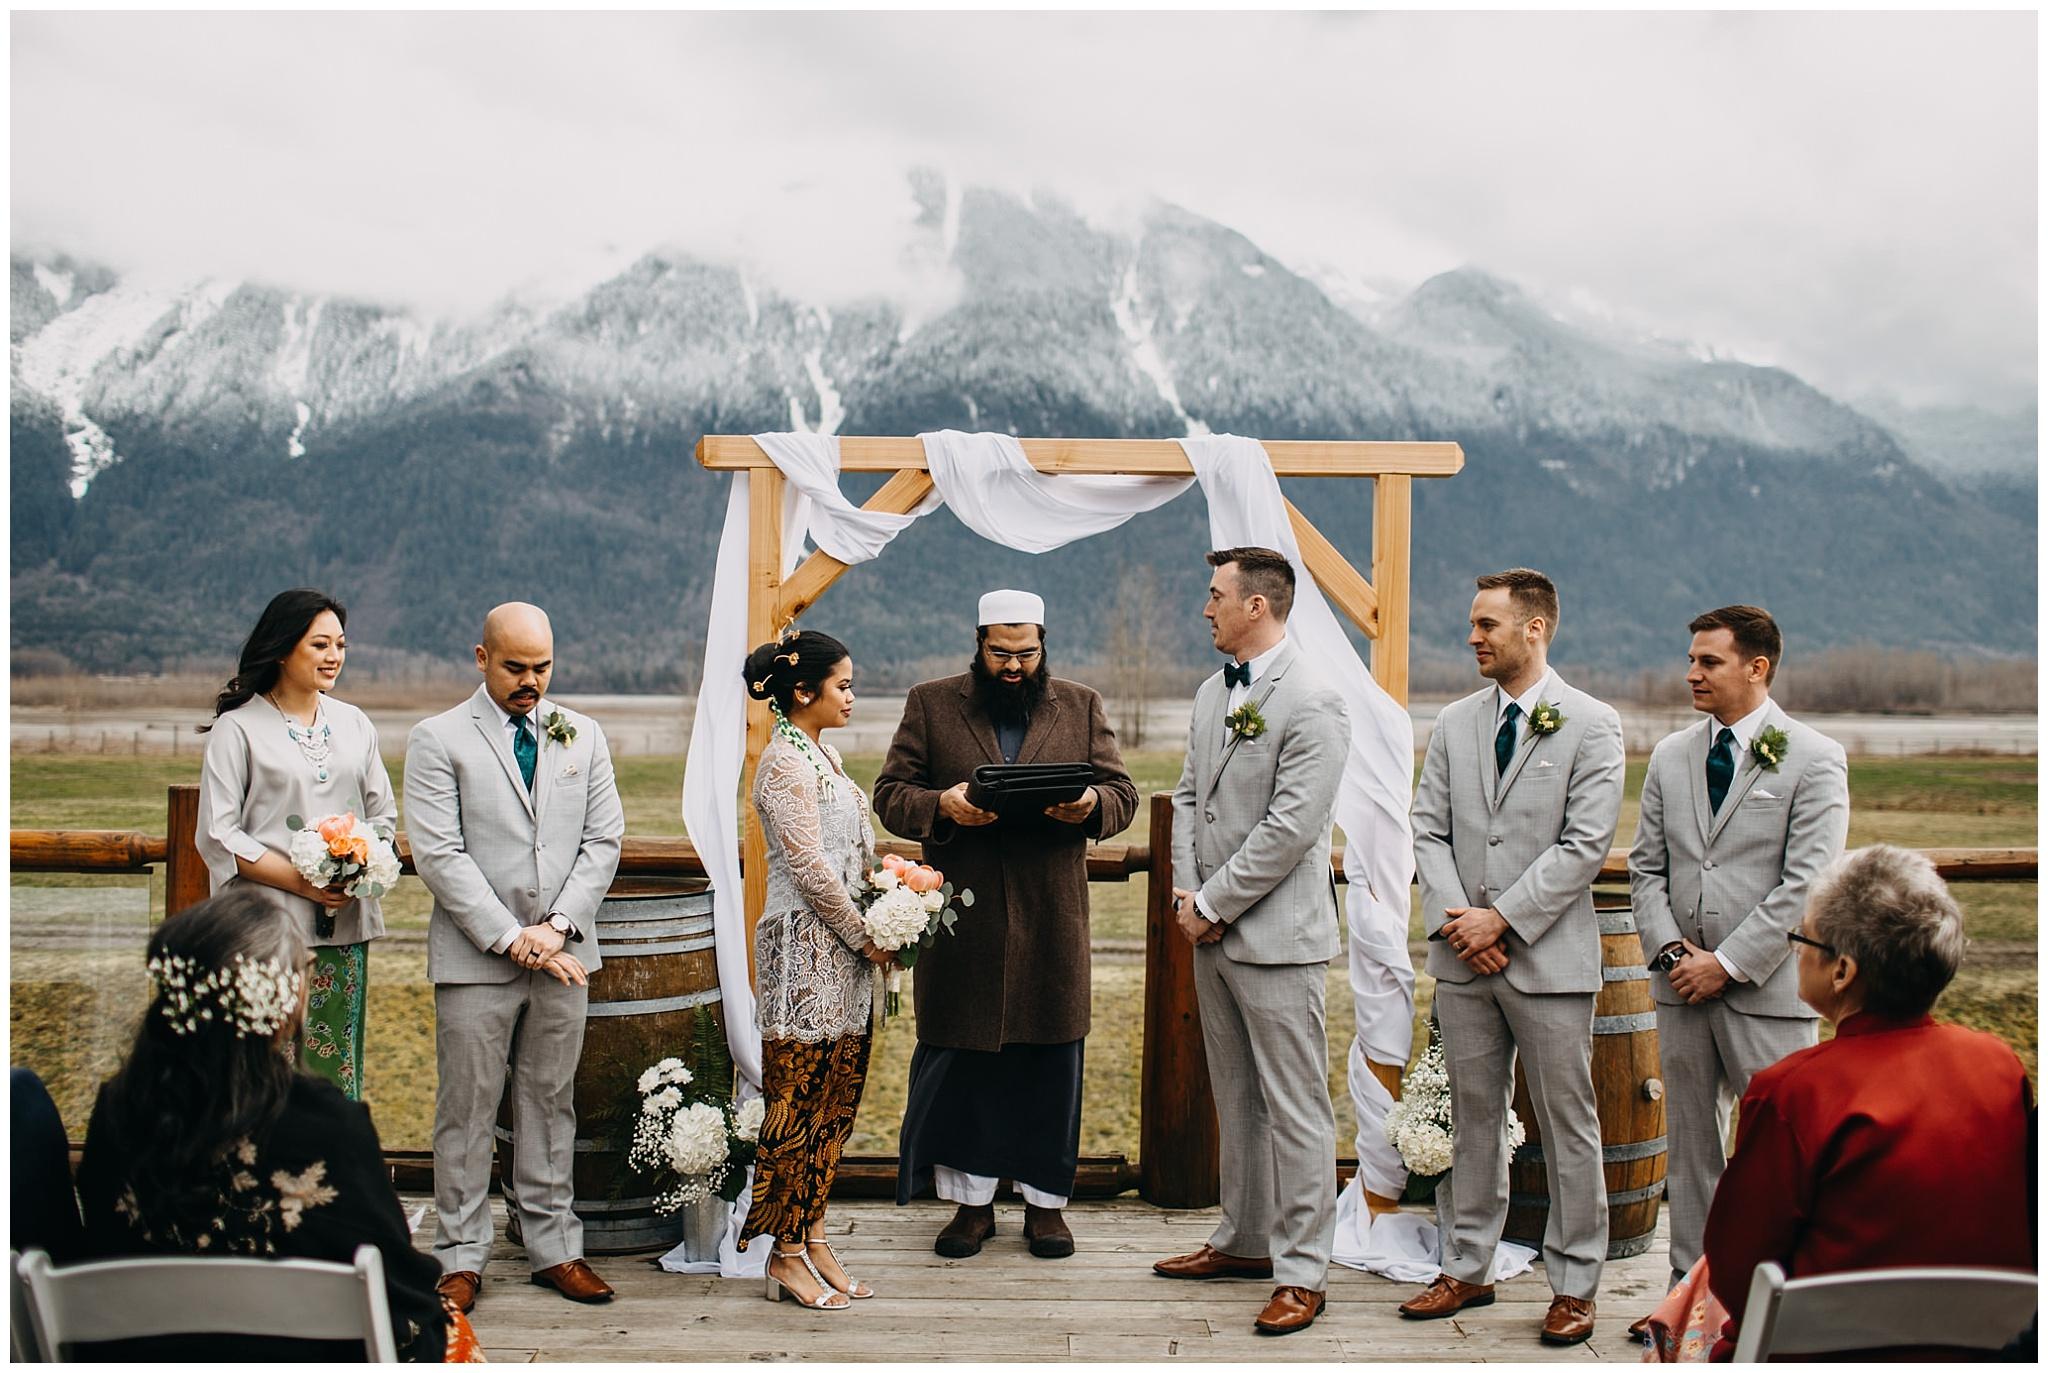 fraser river lodge wedding ceremony outside